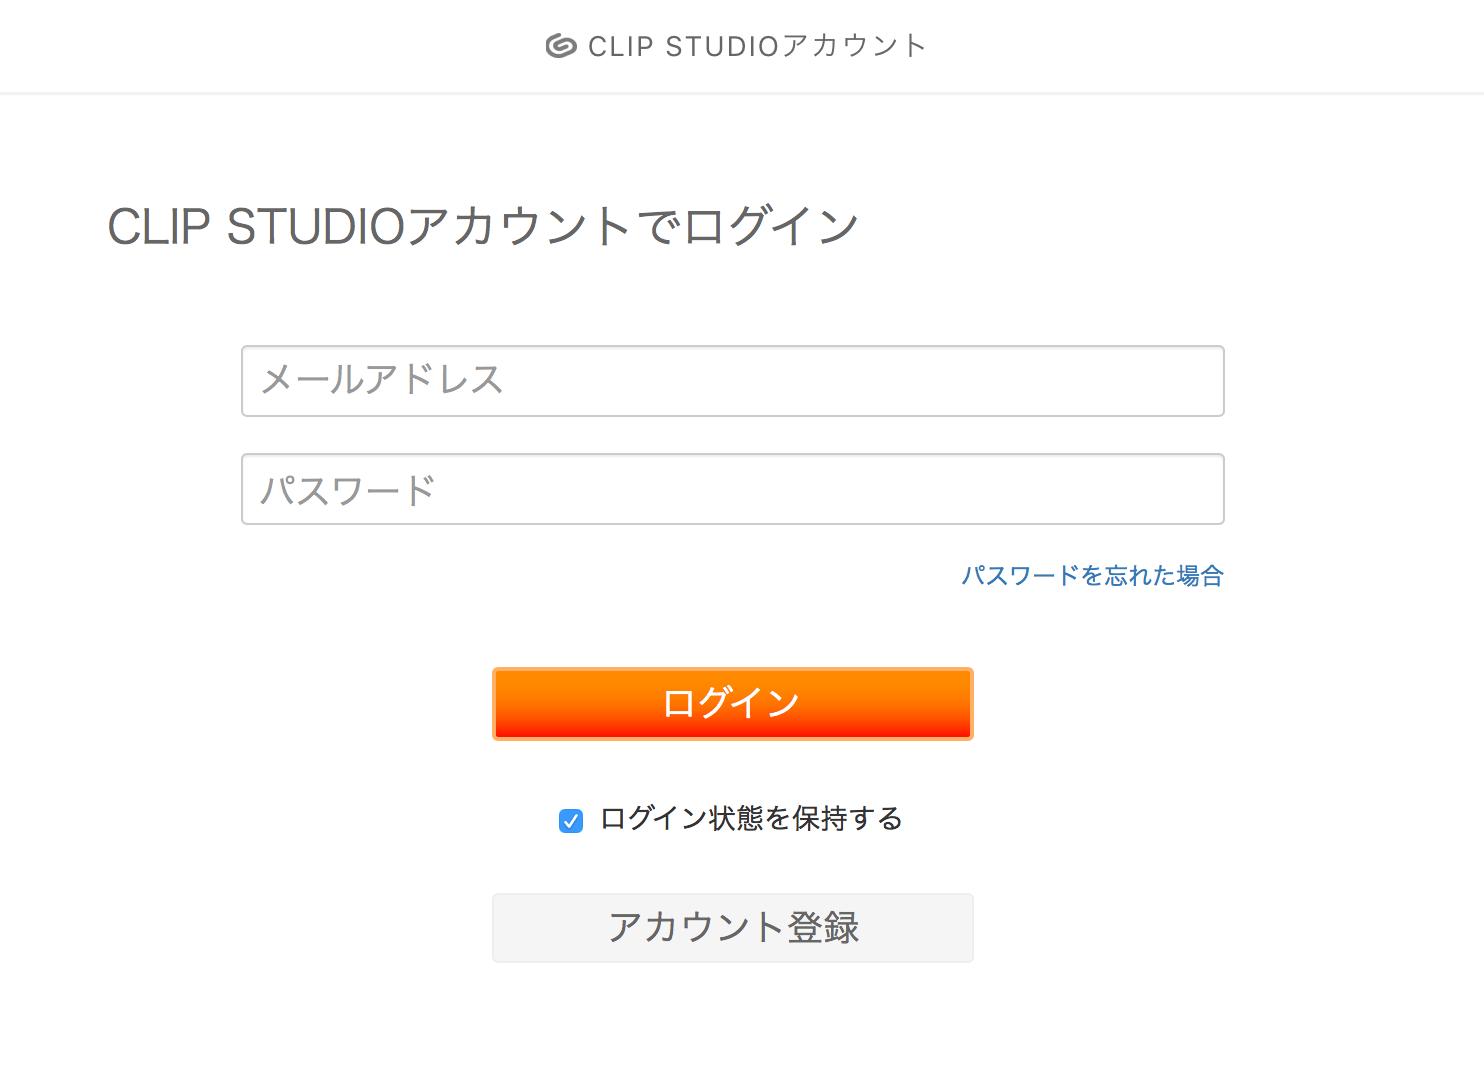 CLIP STUDIOアカウントでログインページの画面